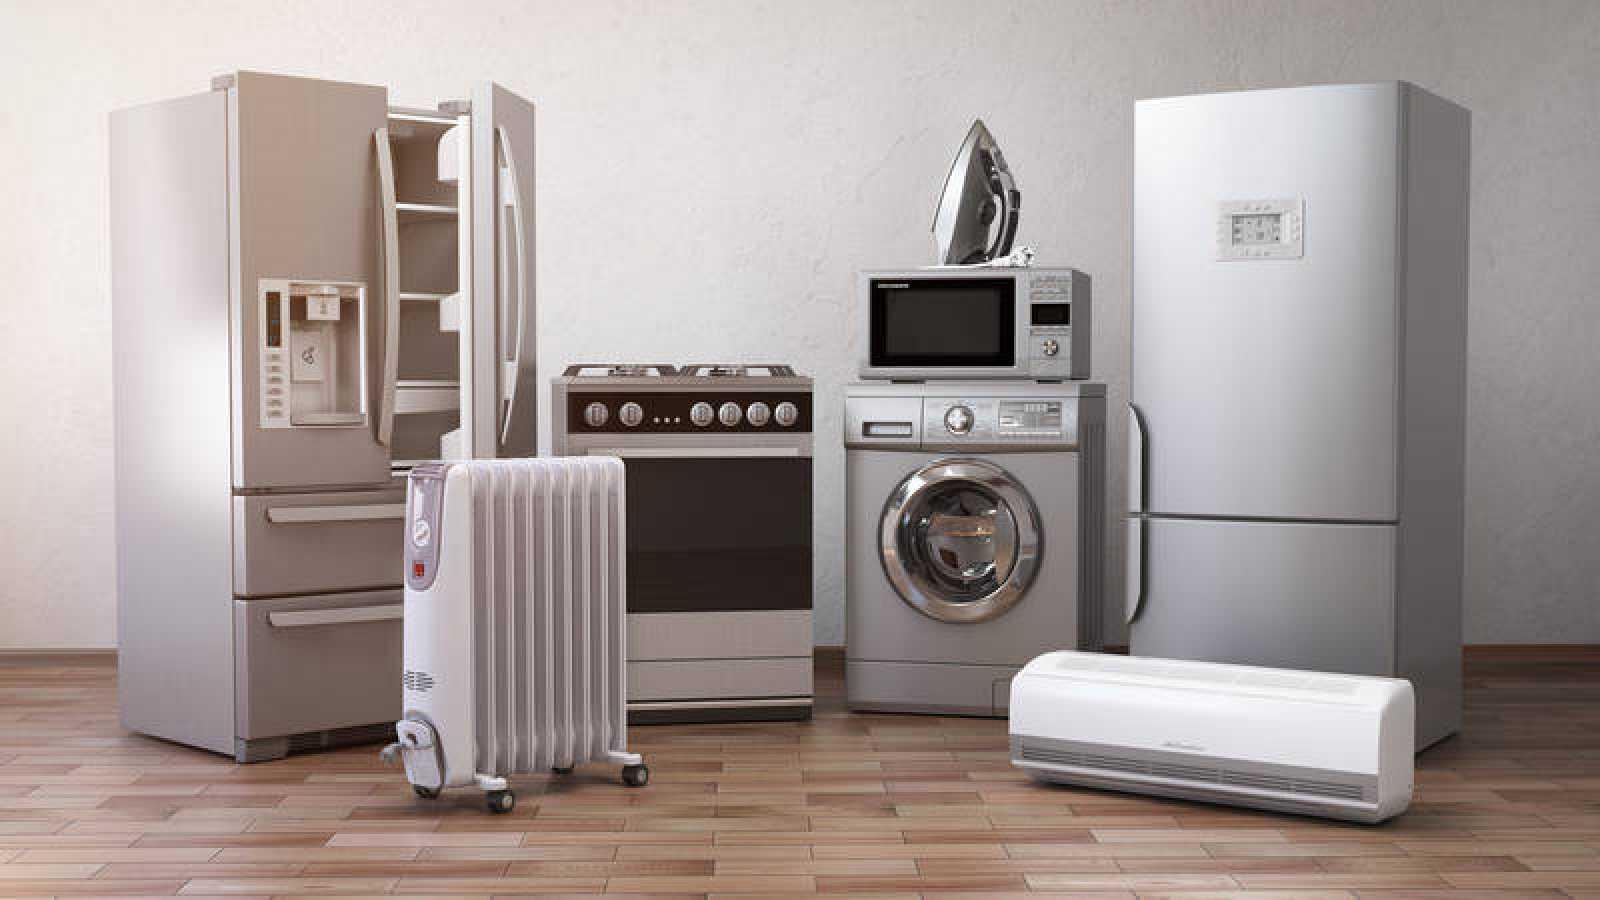 La Comisión Europea ha adoptado nuevas normas para hacer que los electrodomésticos sean más sostenibles.